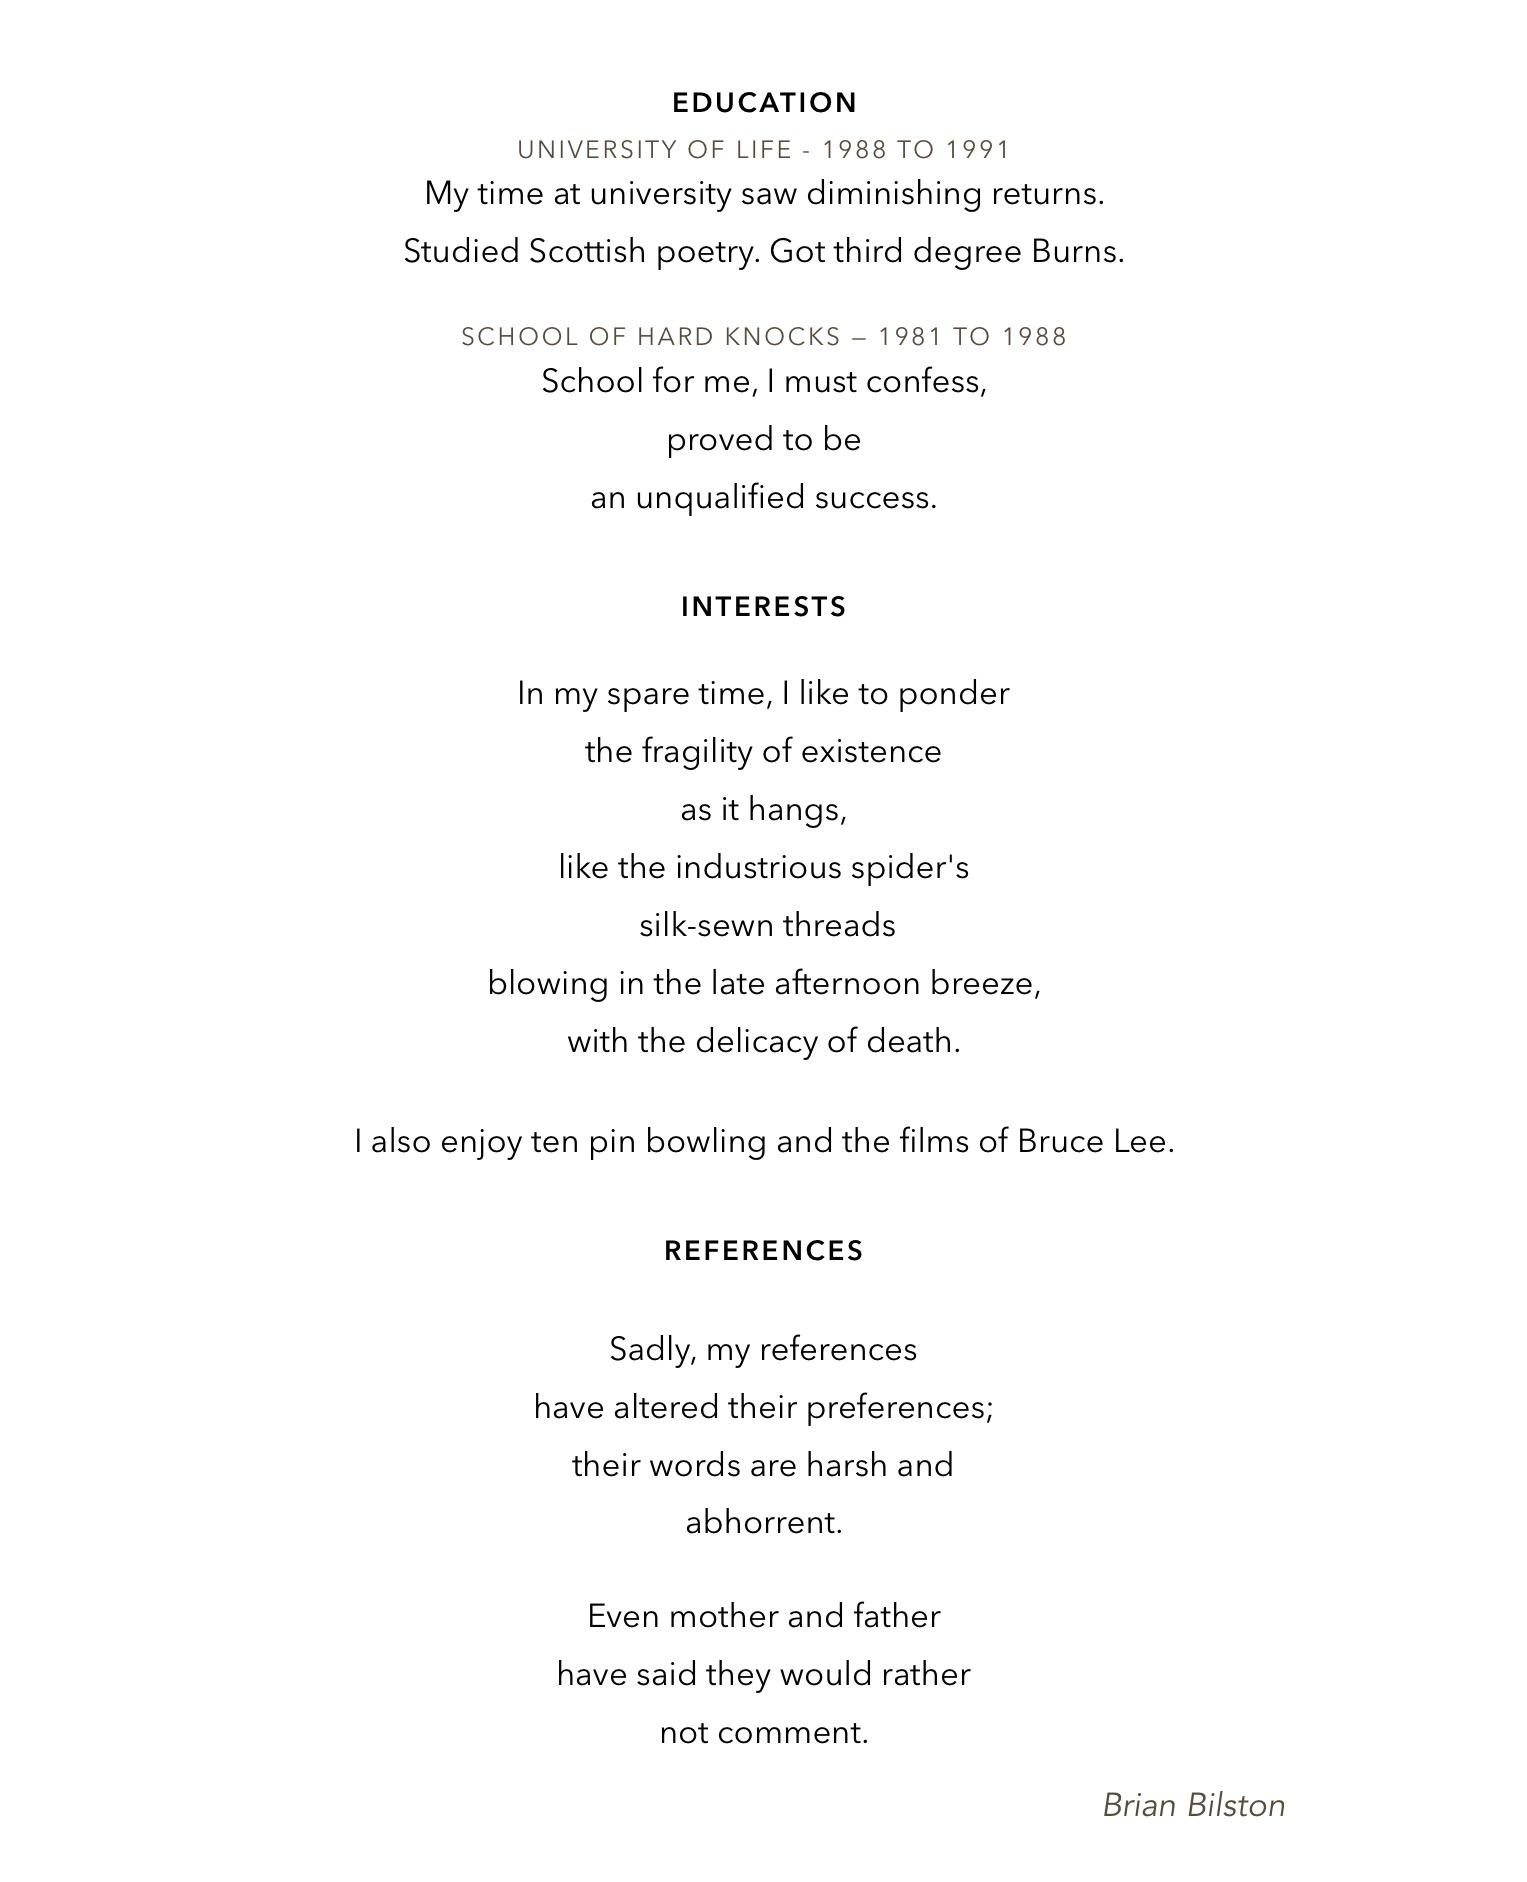 curriculum vitae brian bilston s poetry laboetry curriculum vitae